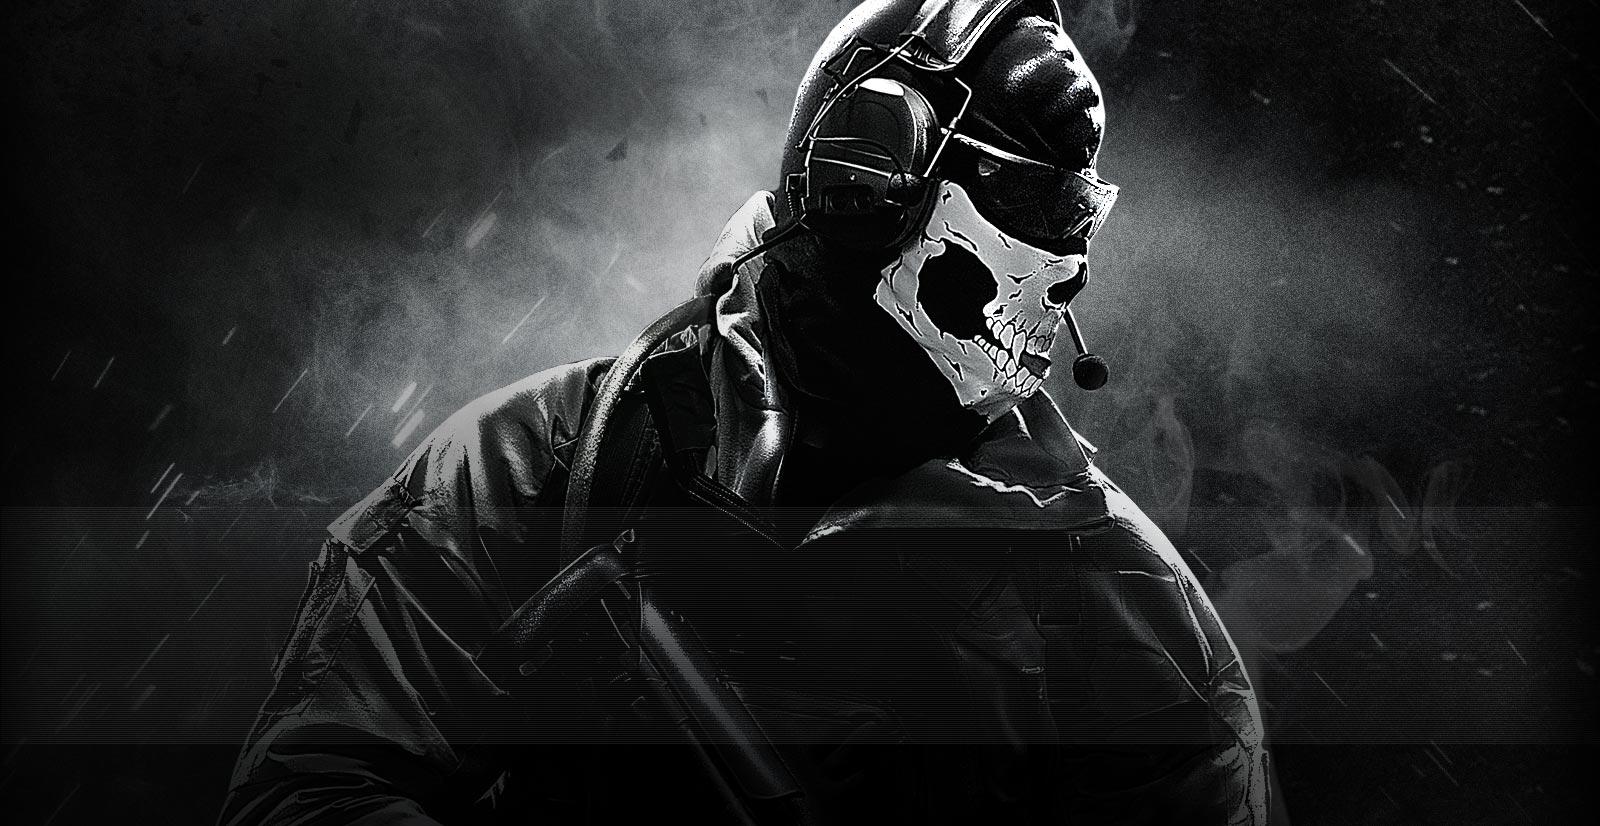 Call Of Duty Modern Warfare 2 Wallpaper Ghost 6328 Hd Wallpapers in ...